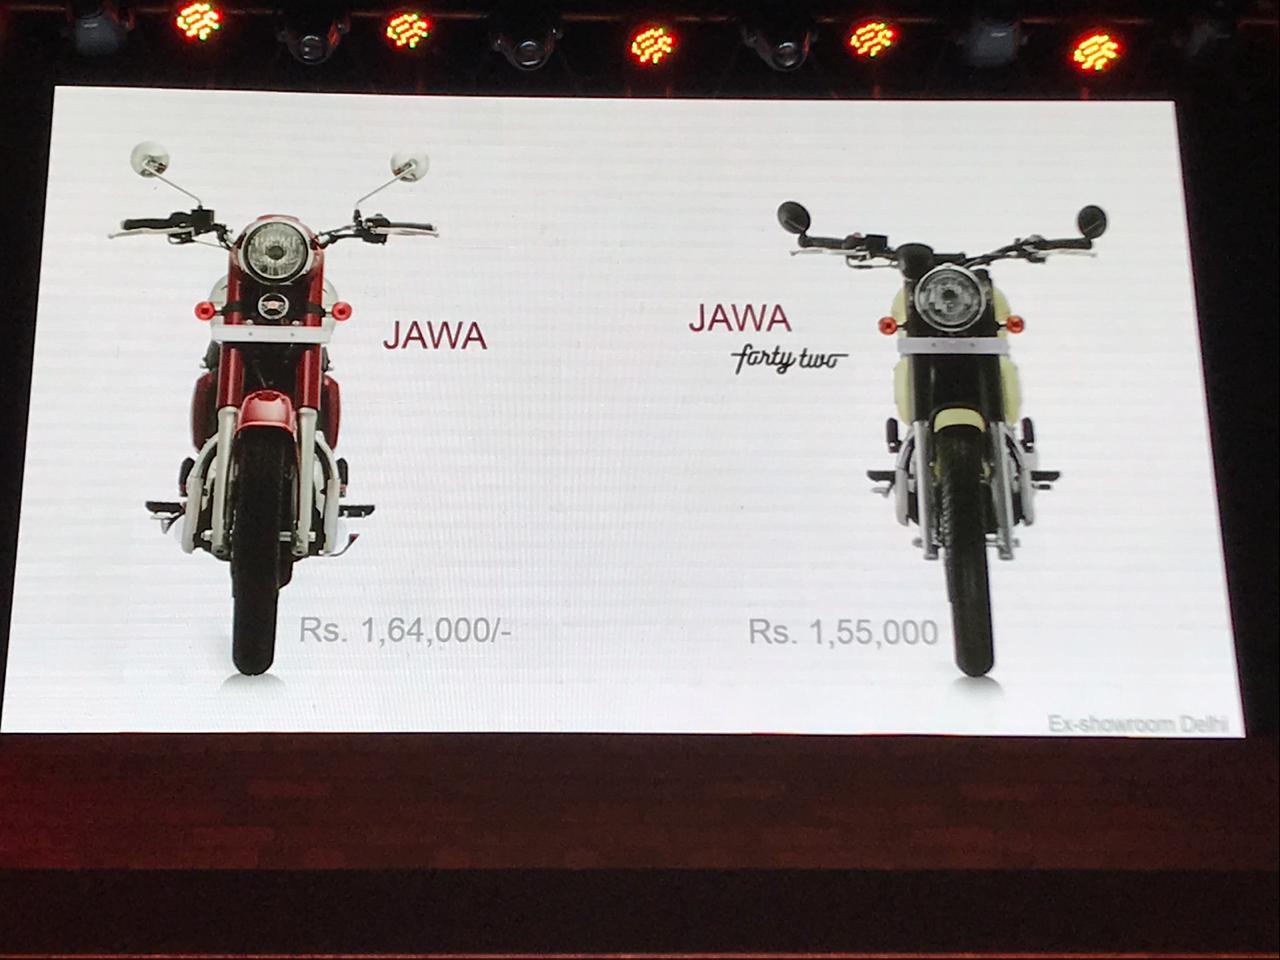 Jawa 300 cc Motorcycle India launch: Jawa, Forty Two